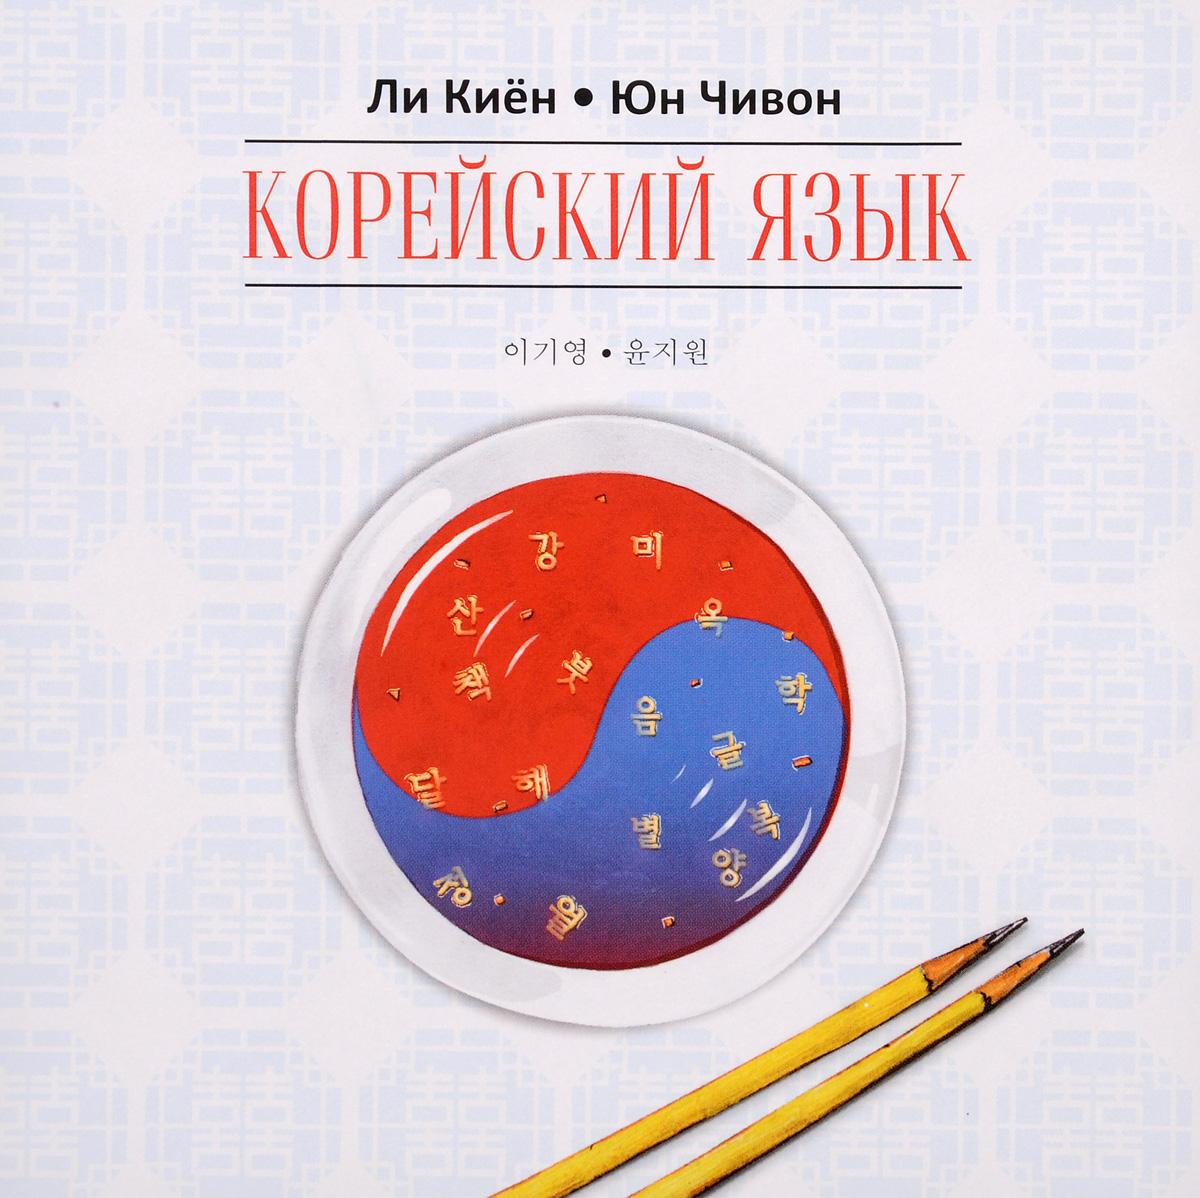 Ли Киён, Юн Чивон Корейский язык. Ступень 1. Курс для самостоятельного изучения начинающих (аудиокурс MP3 на CD)